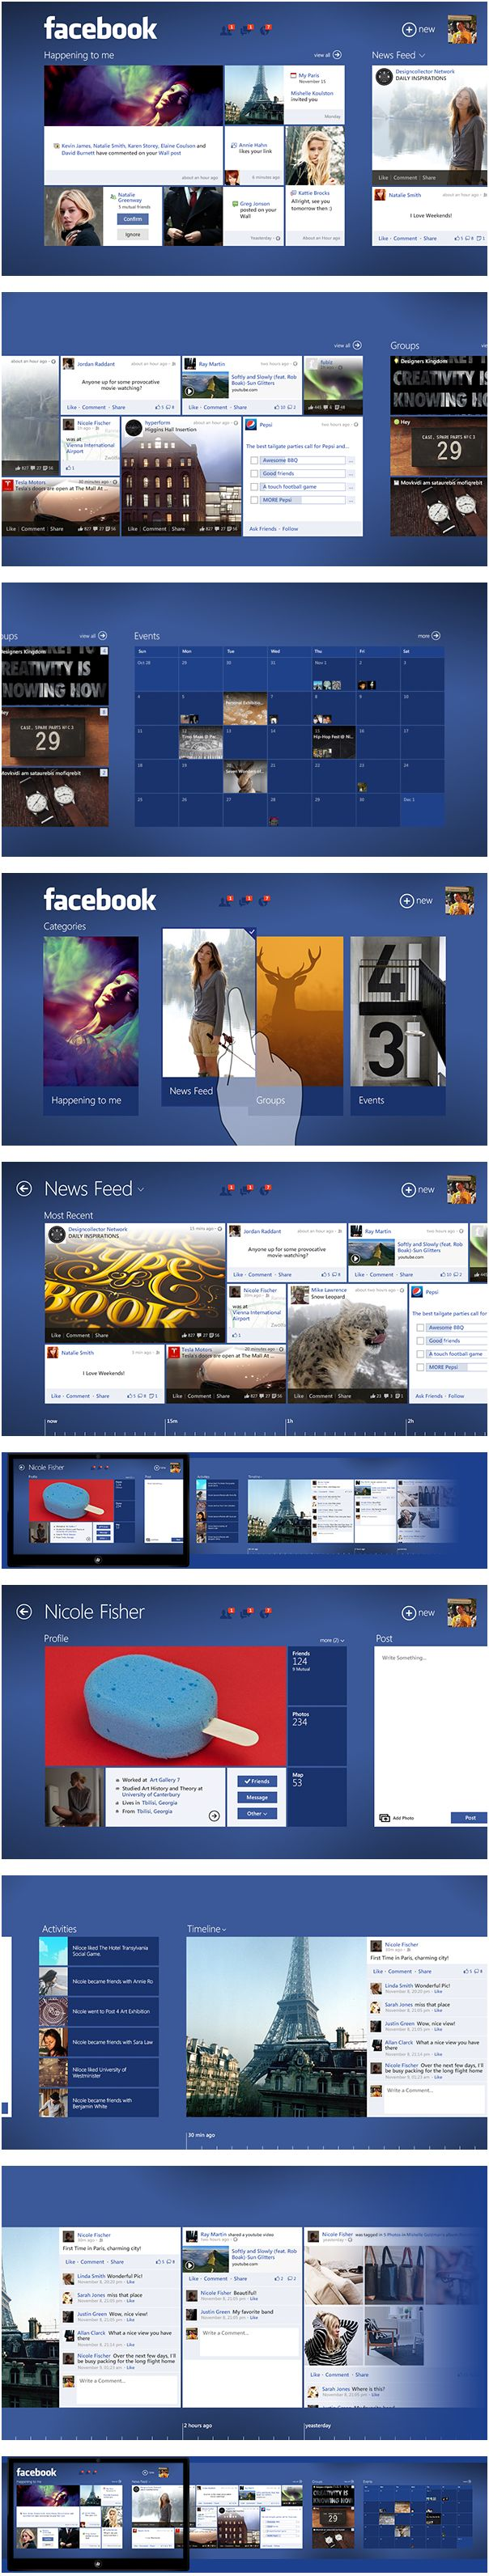 facebook-concept-windows-8